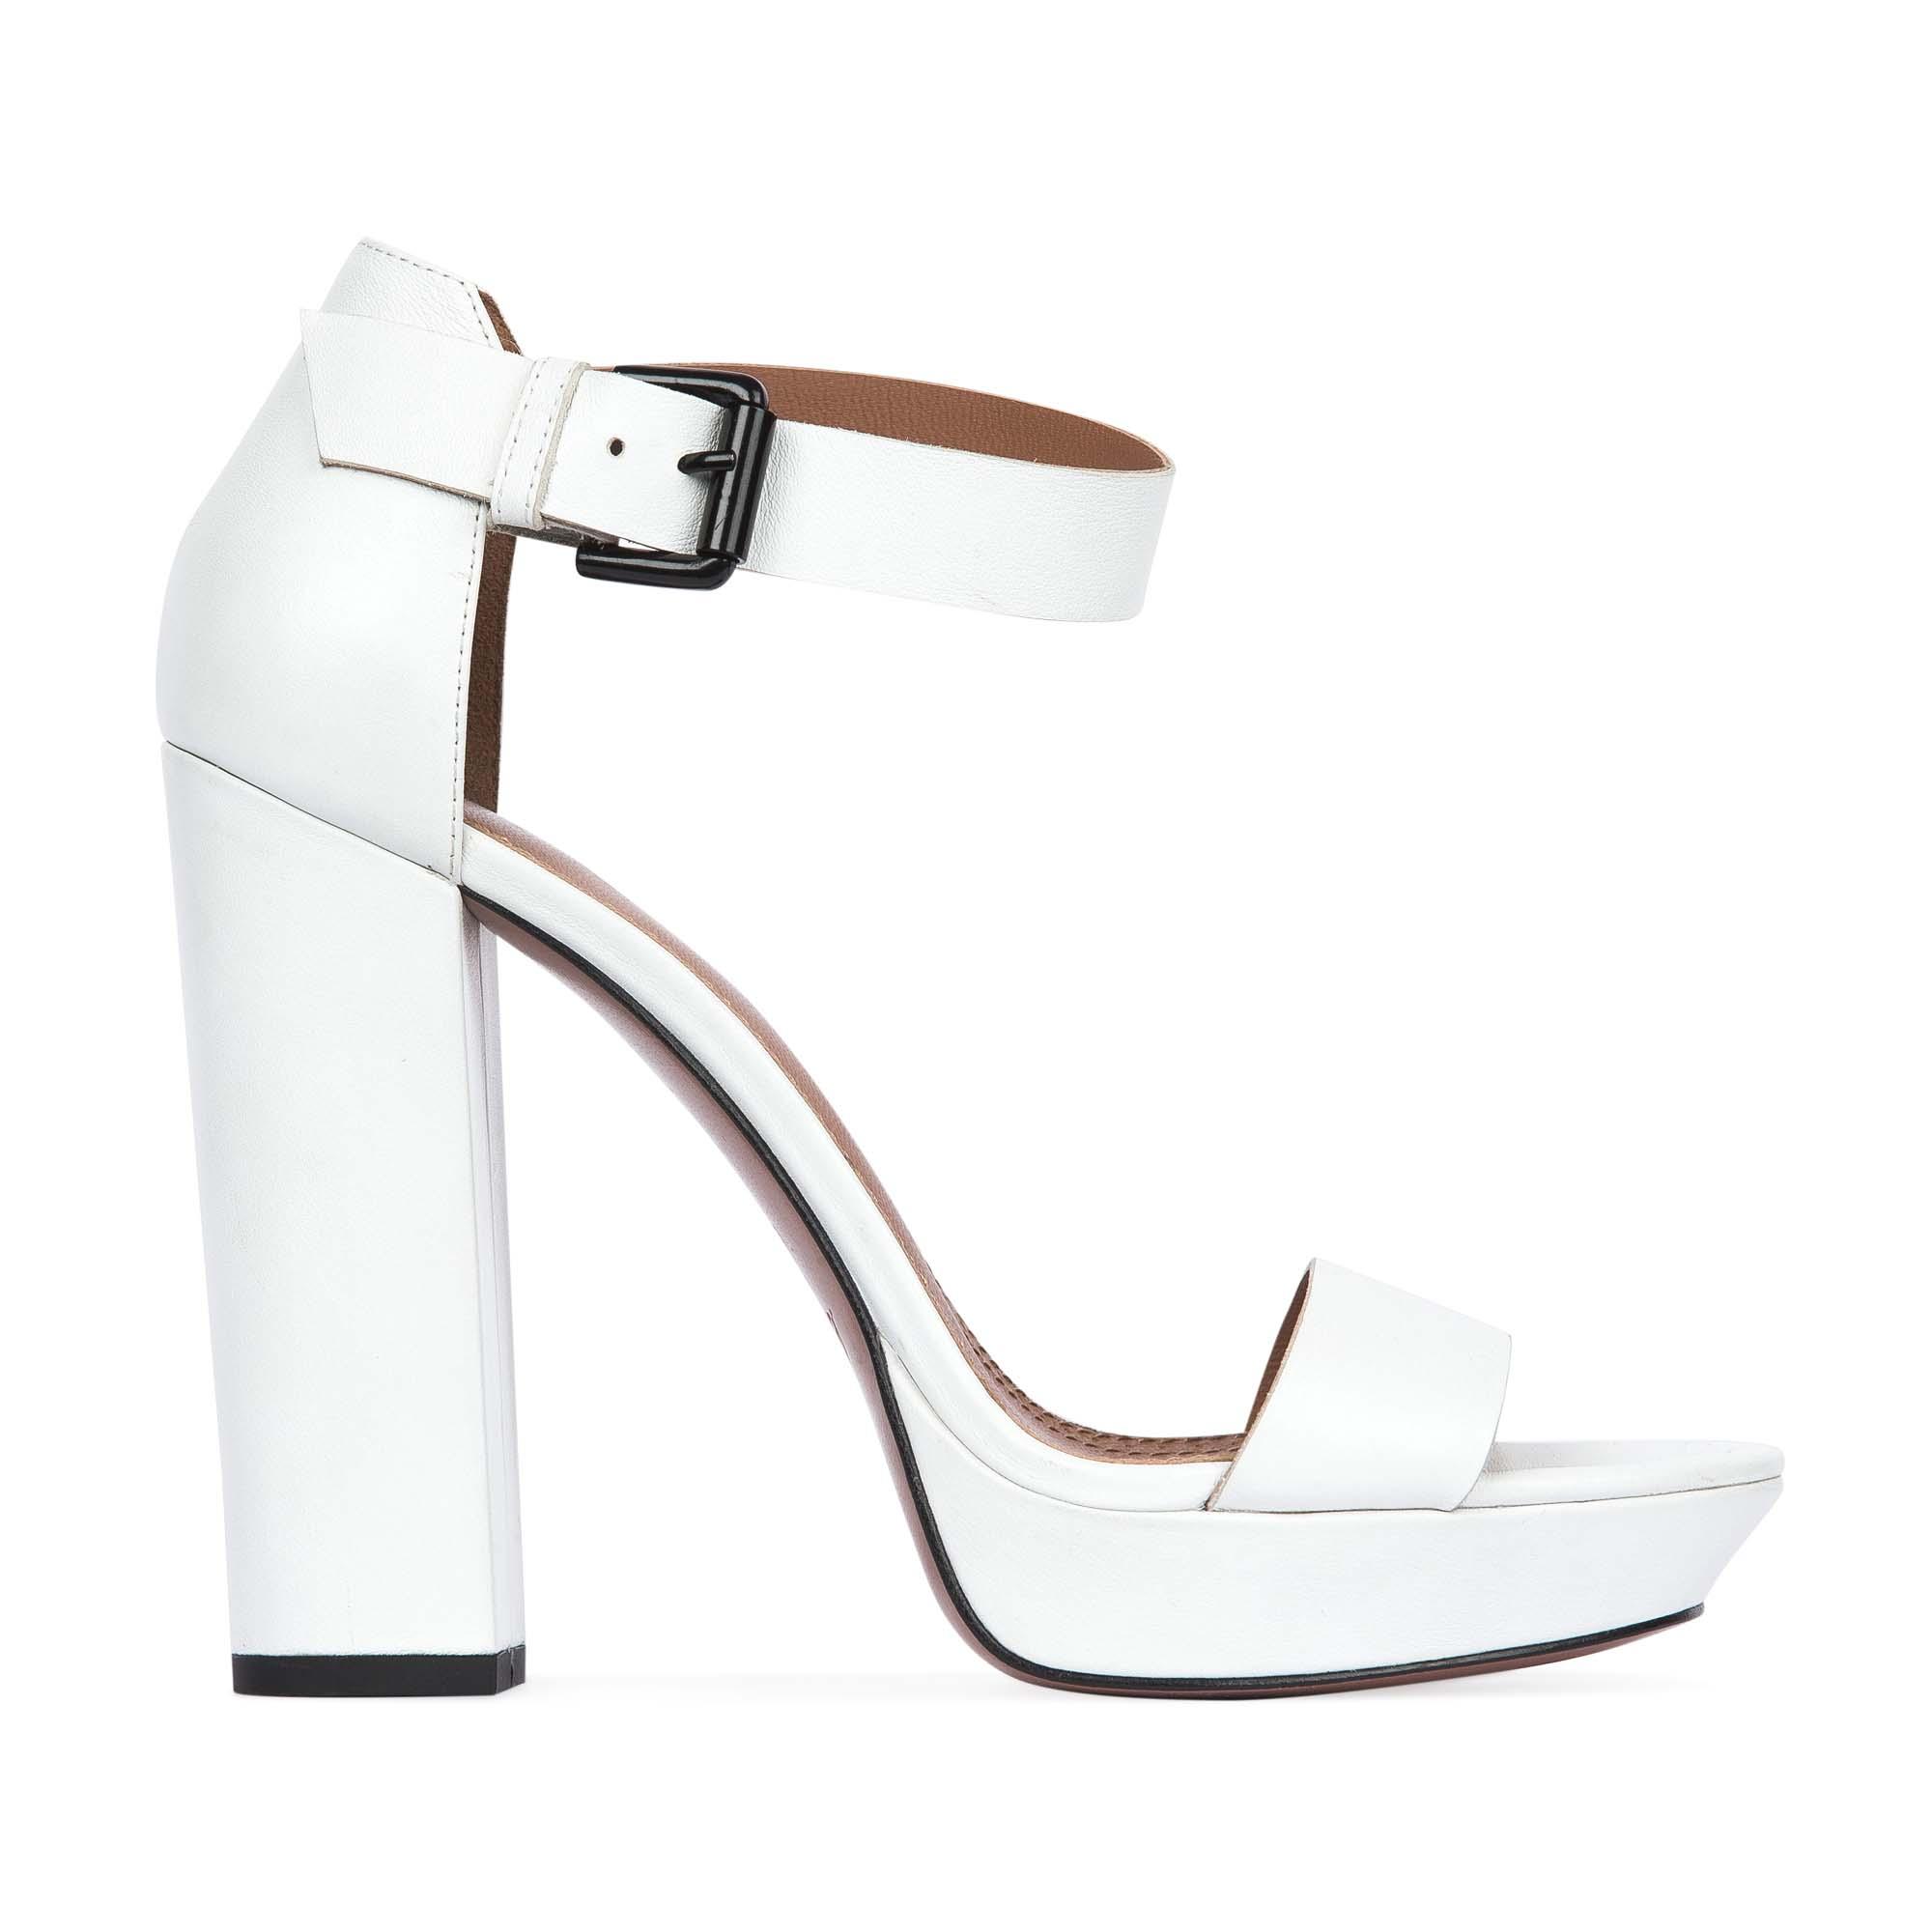 Босоножки на высоком каблуке белого цветаТуфли женские<br><br>Материал верха: Кожа<br>Материал подкладки: Кожа<br>Материал подошвы: Кожа<br>Цвет: Белый<br>Высота каблука: 14см<br>Дизайн: Италия<br>Страна производства: Китай<br><br>Высота каблука: 14 см<br>Материал верха: Кожа<br>Материал подкладки: Кожа<br>Цвет: Белый<br>Вес кг: 0.62000000<br>Выберите размер обуви: 38